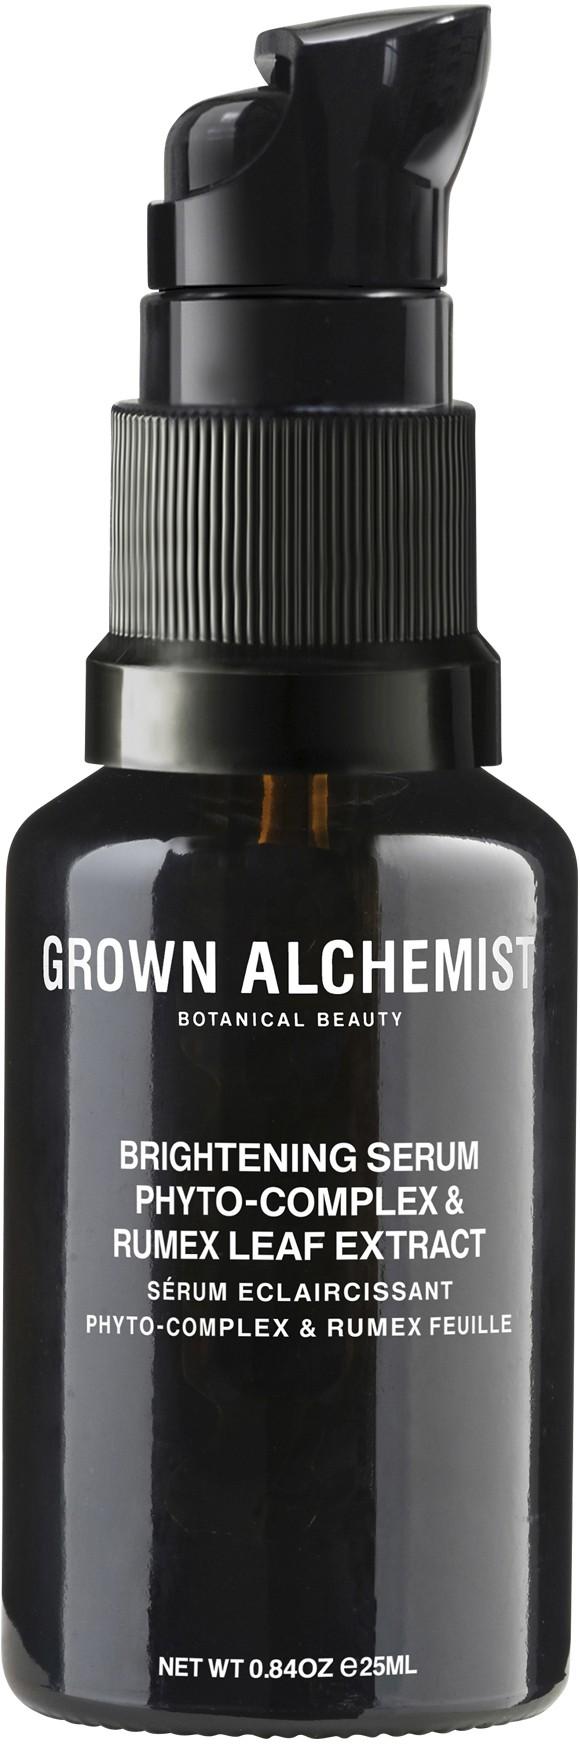 Grown Alchemist - Brightening Serum:Phyto-Complex & Rumex Leaf Extract 25 ml